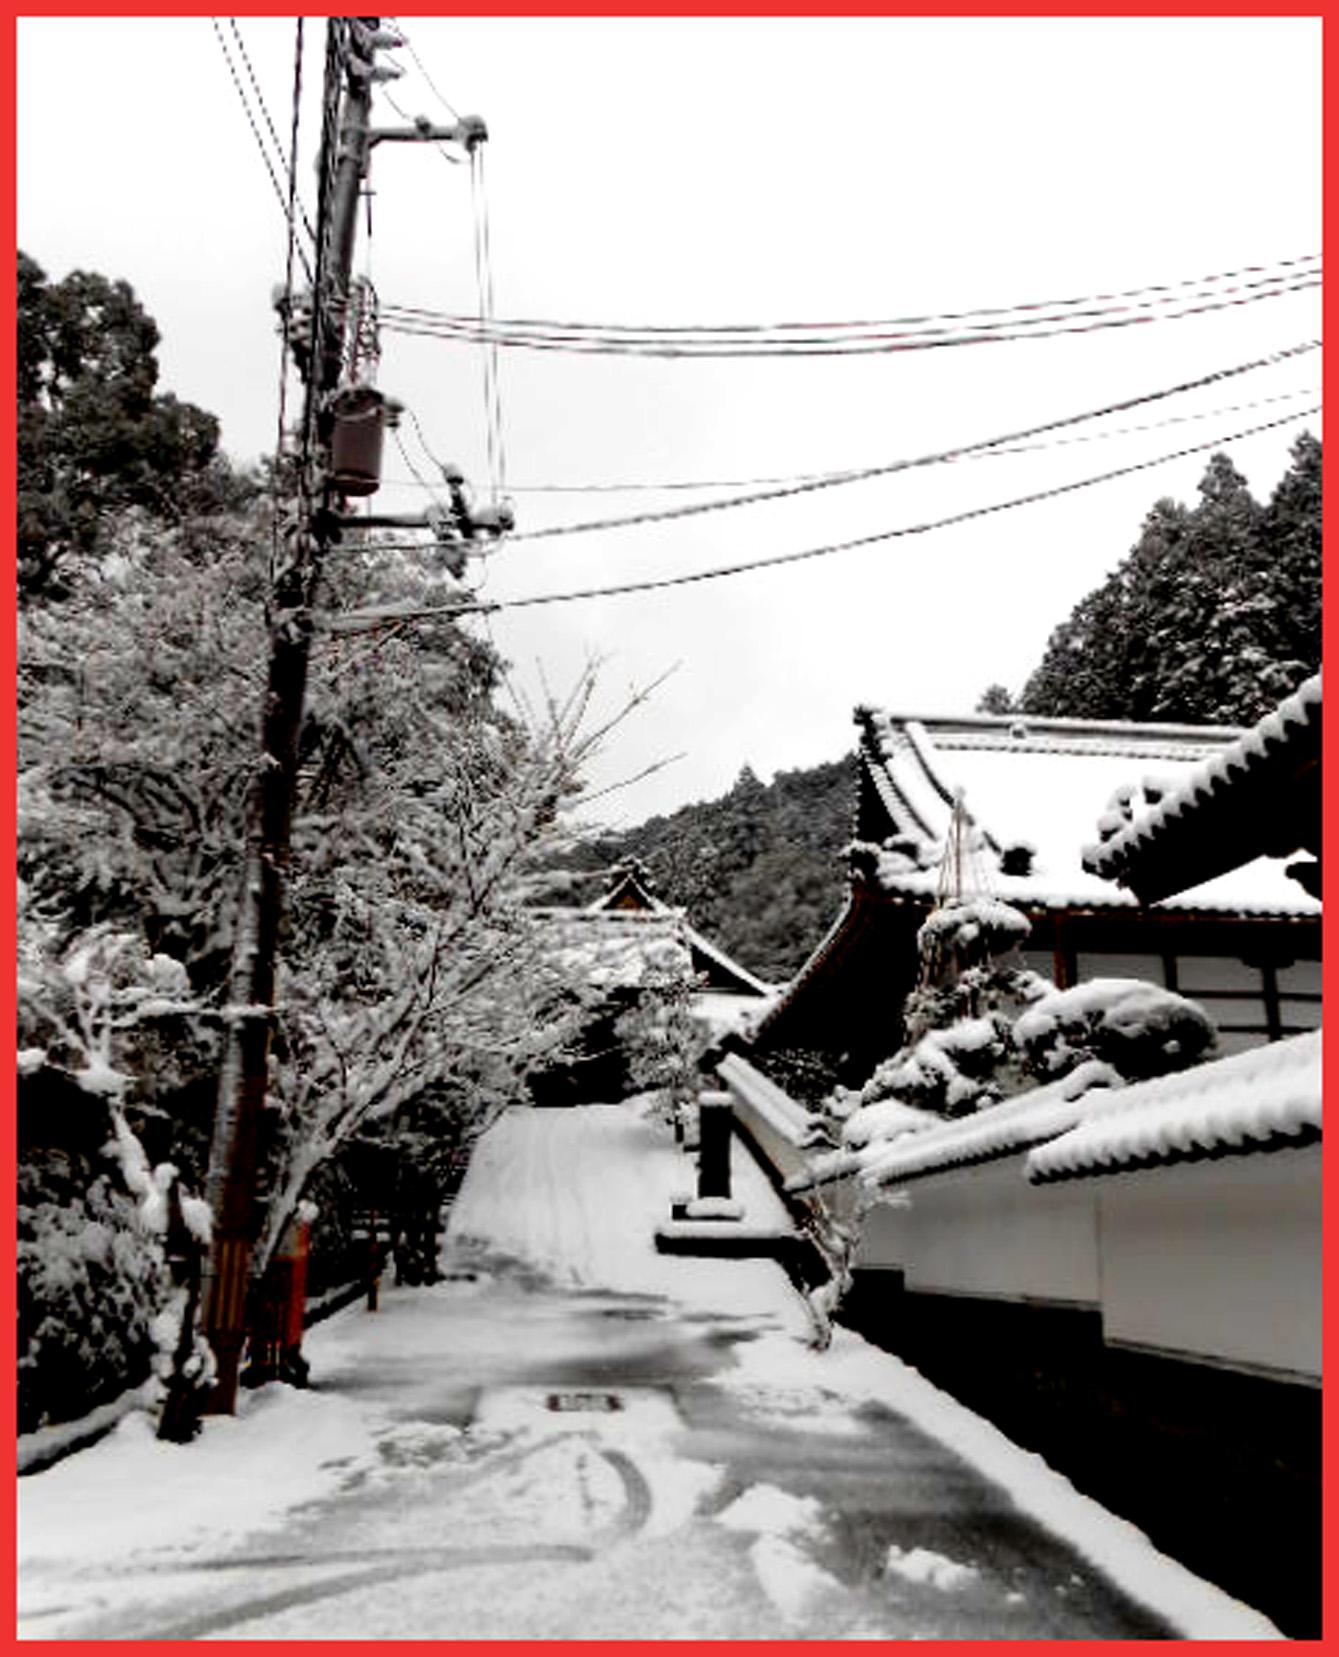 ぼたんちゃんは雪の出石へ、ワタシはゴロ寝。_e0236072_14343331.jpg